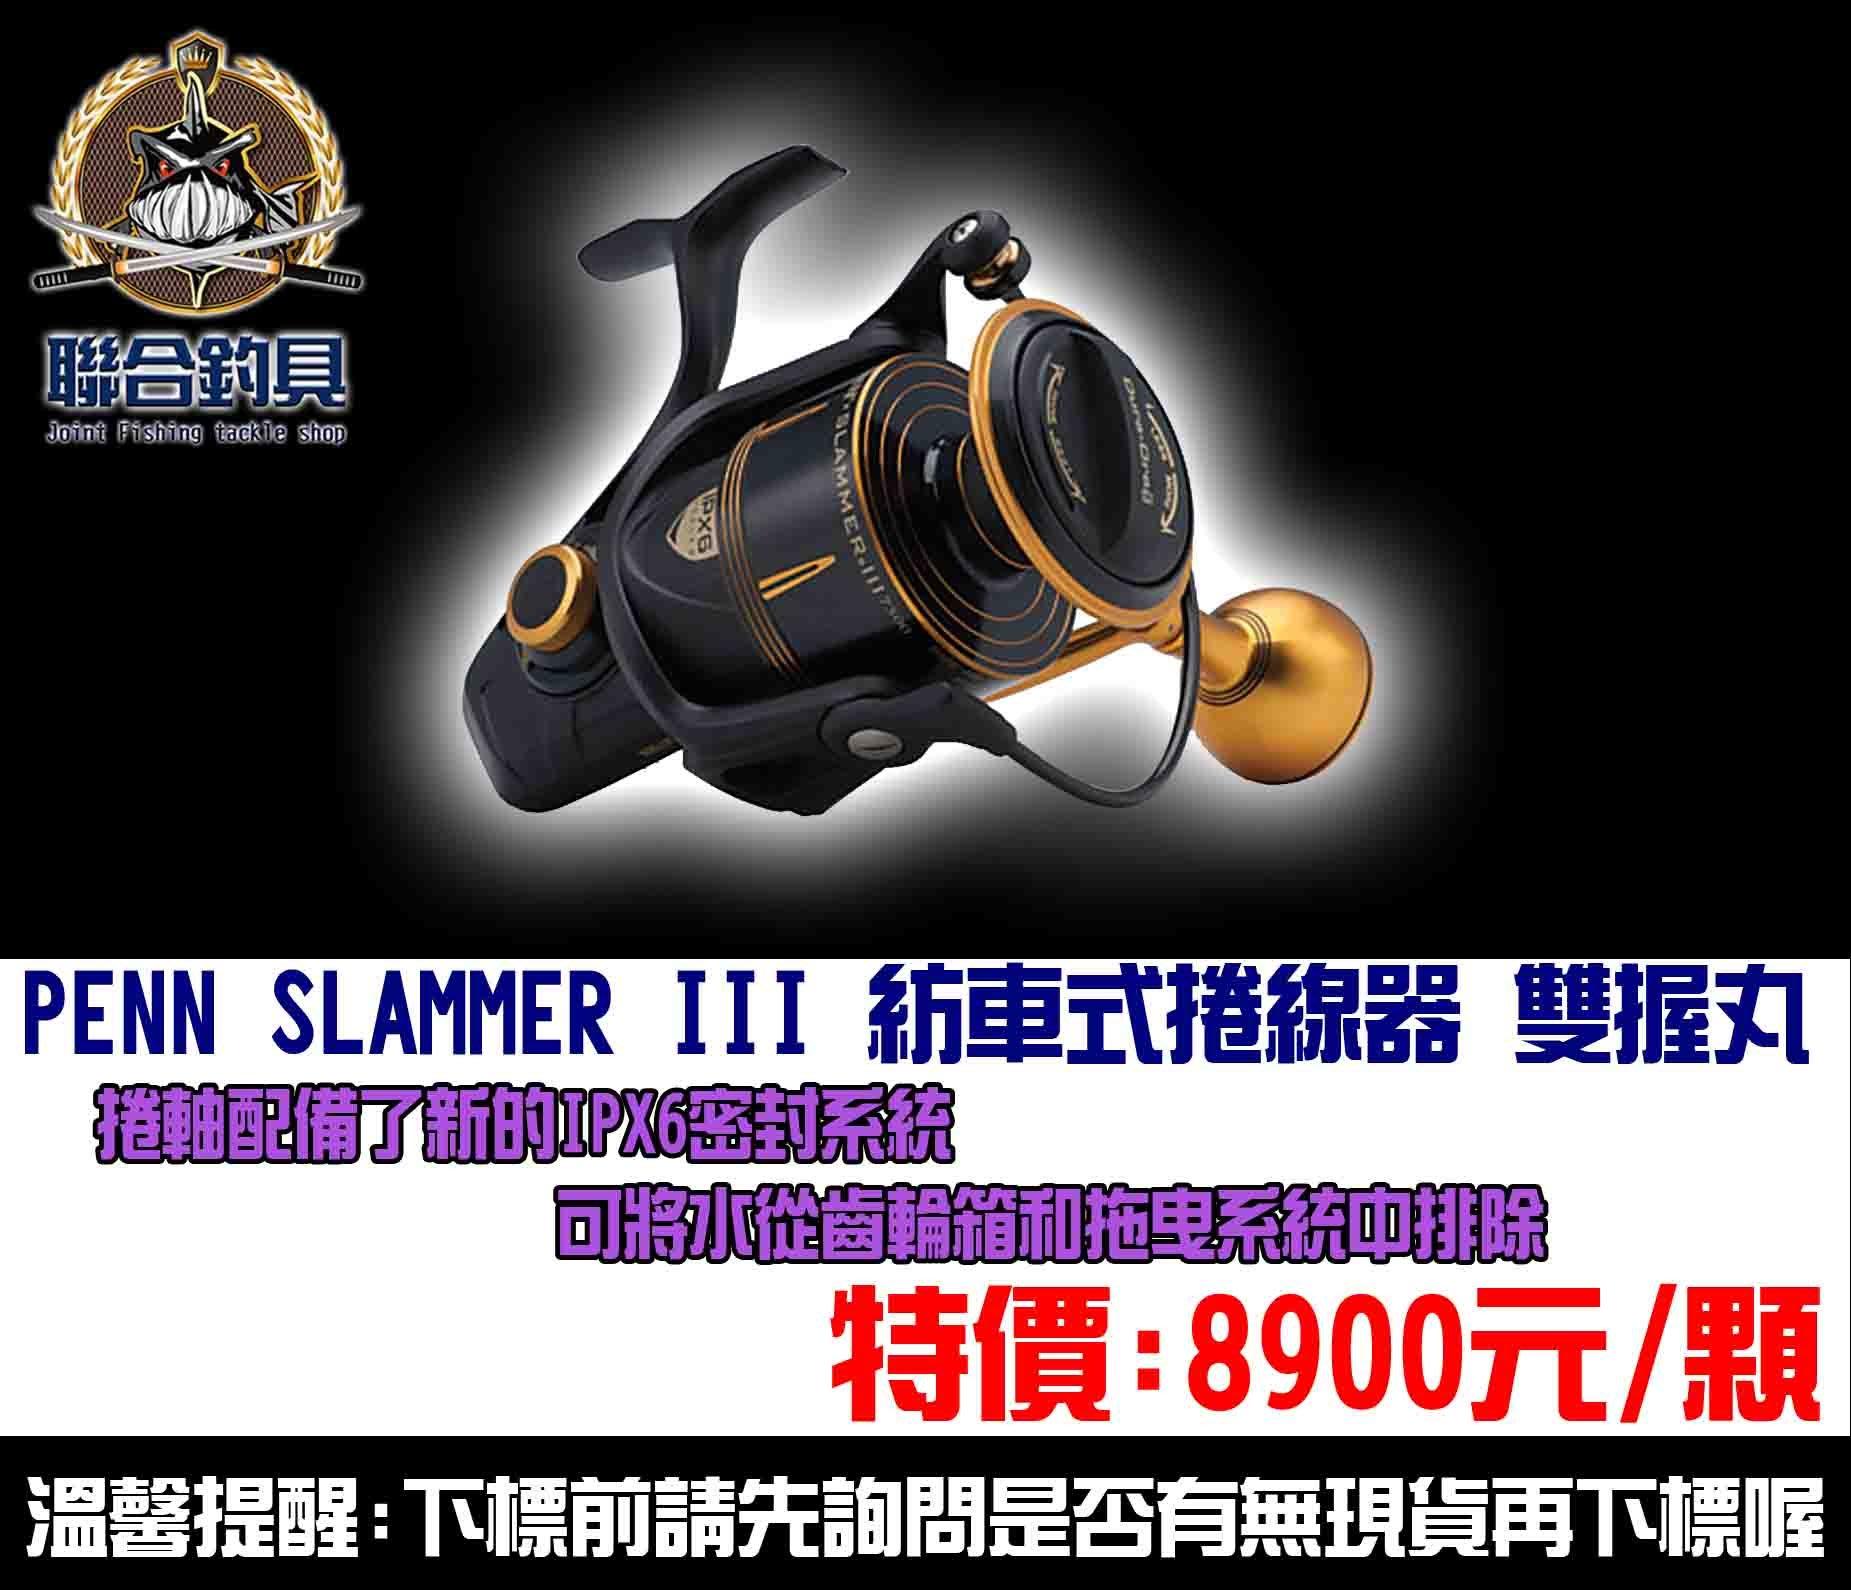 【聯合釣具-竹南店】PENN SLAMMER III 8500